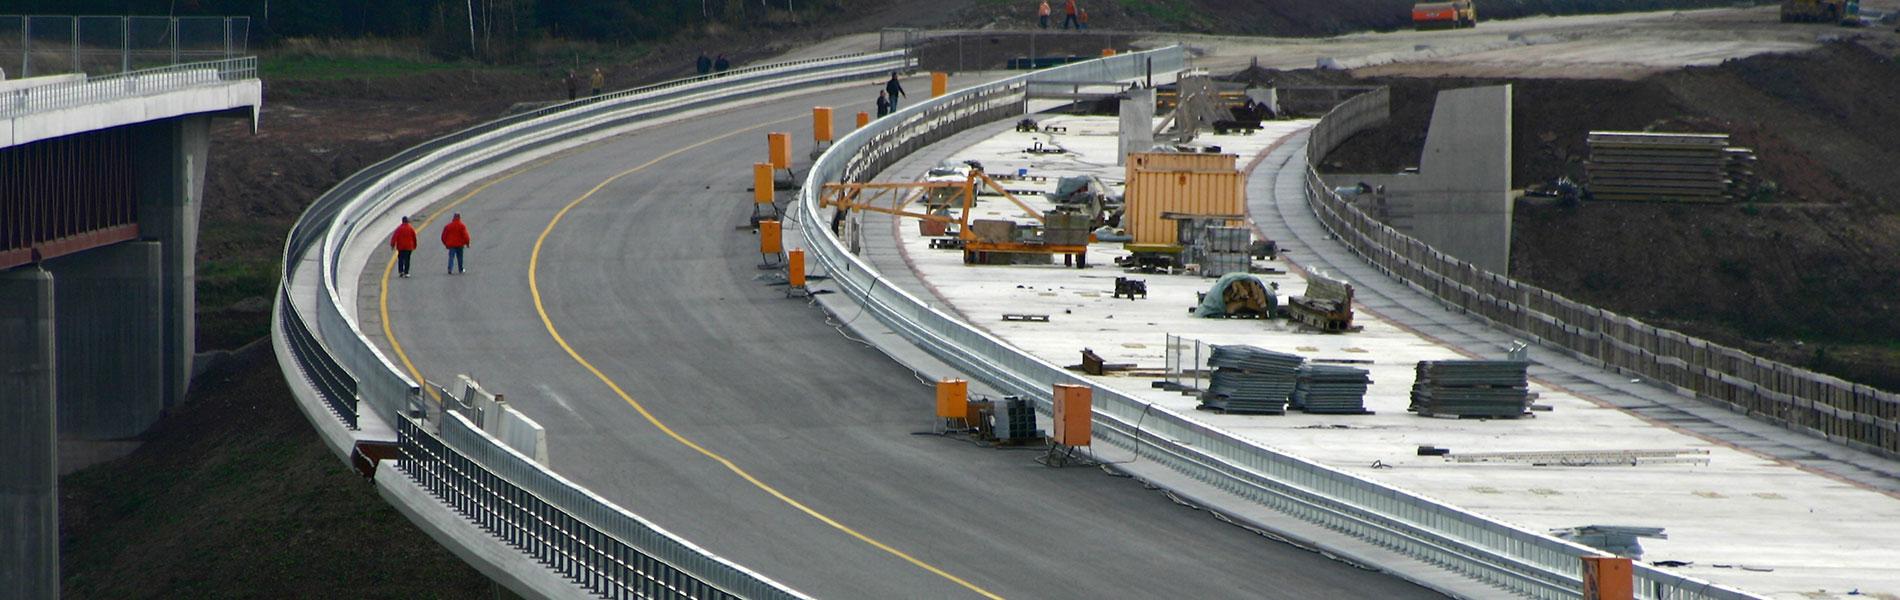 ремонт и реконструкция транспортных дорог